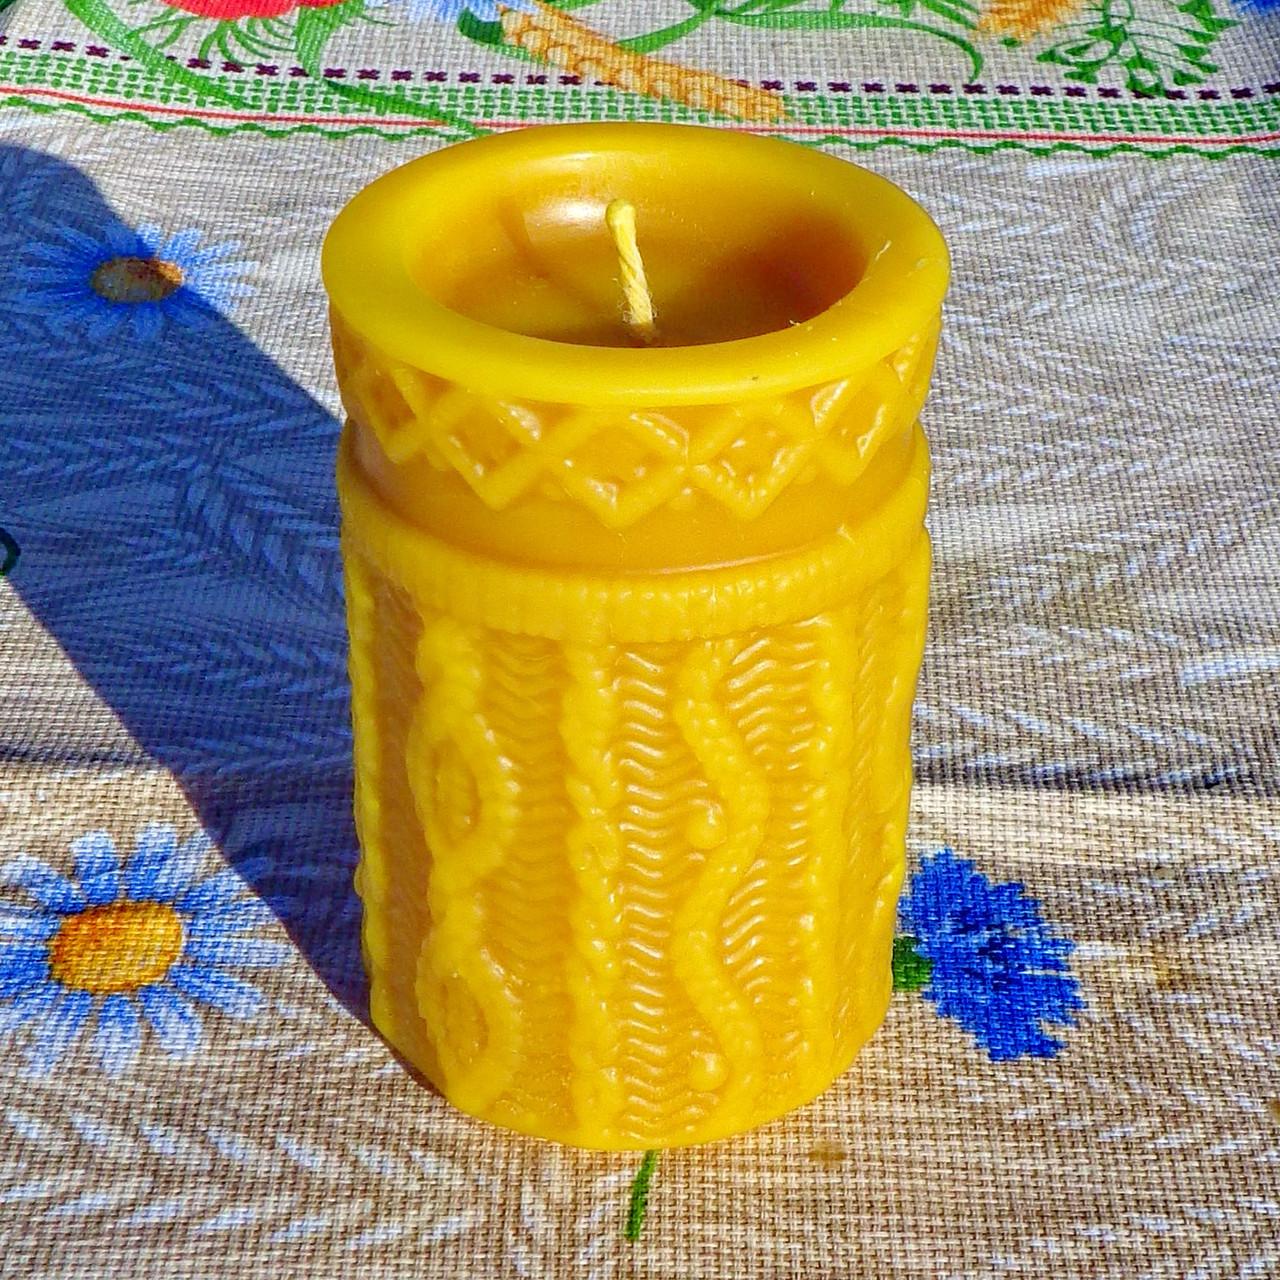 """Воскова свічка """"В'язана"""" з 100% бджолиного воску; Восковая свеча """"Вязанная"""" из 100% пчелиного воска"""